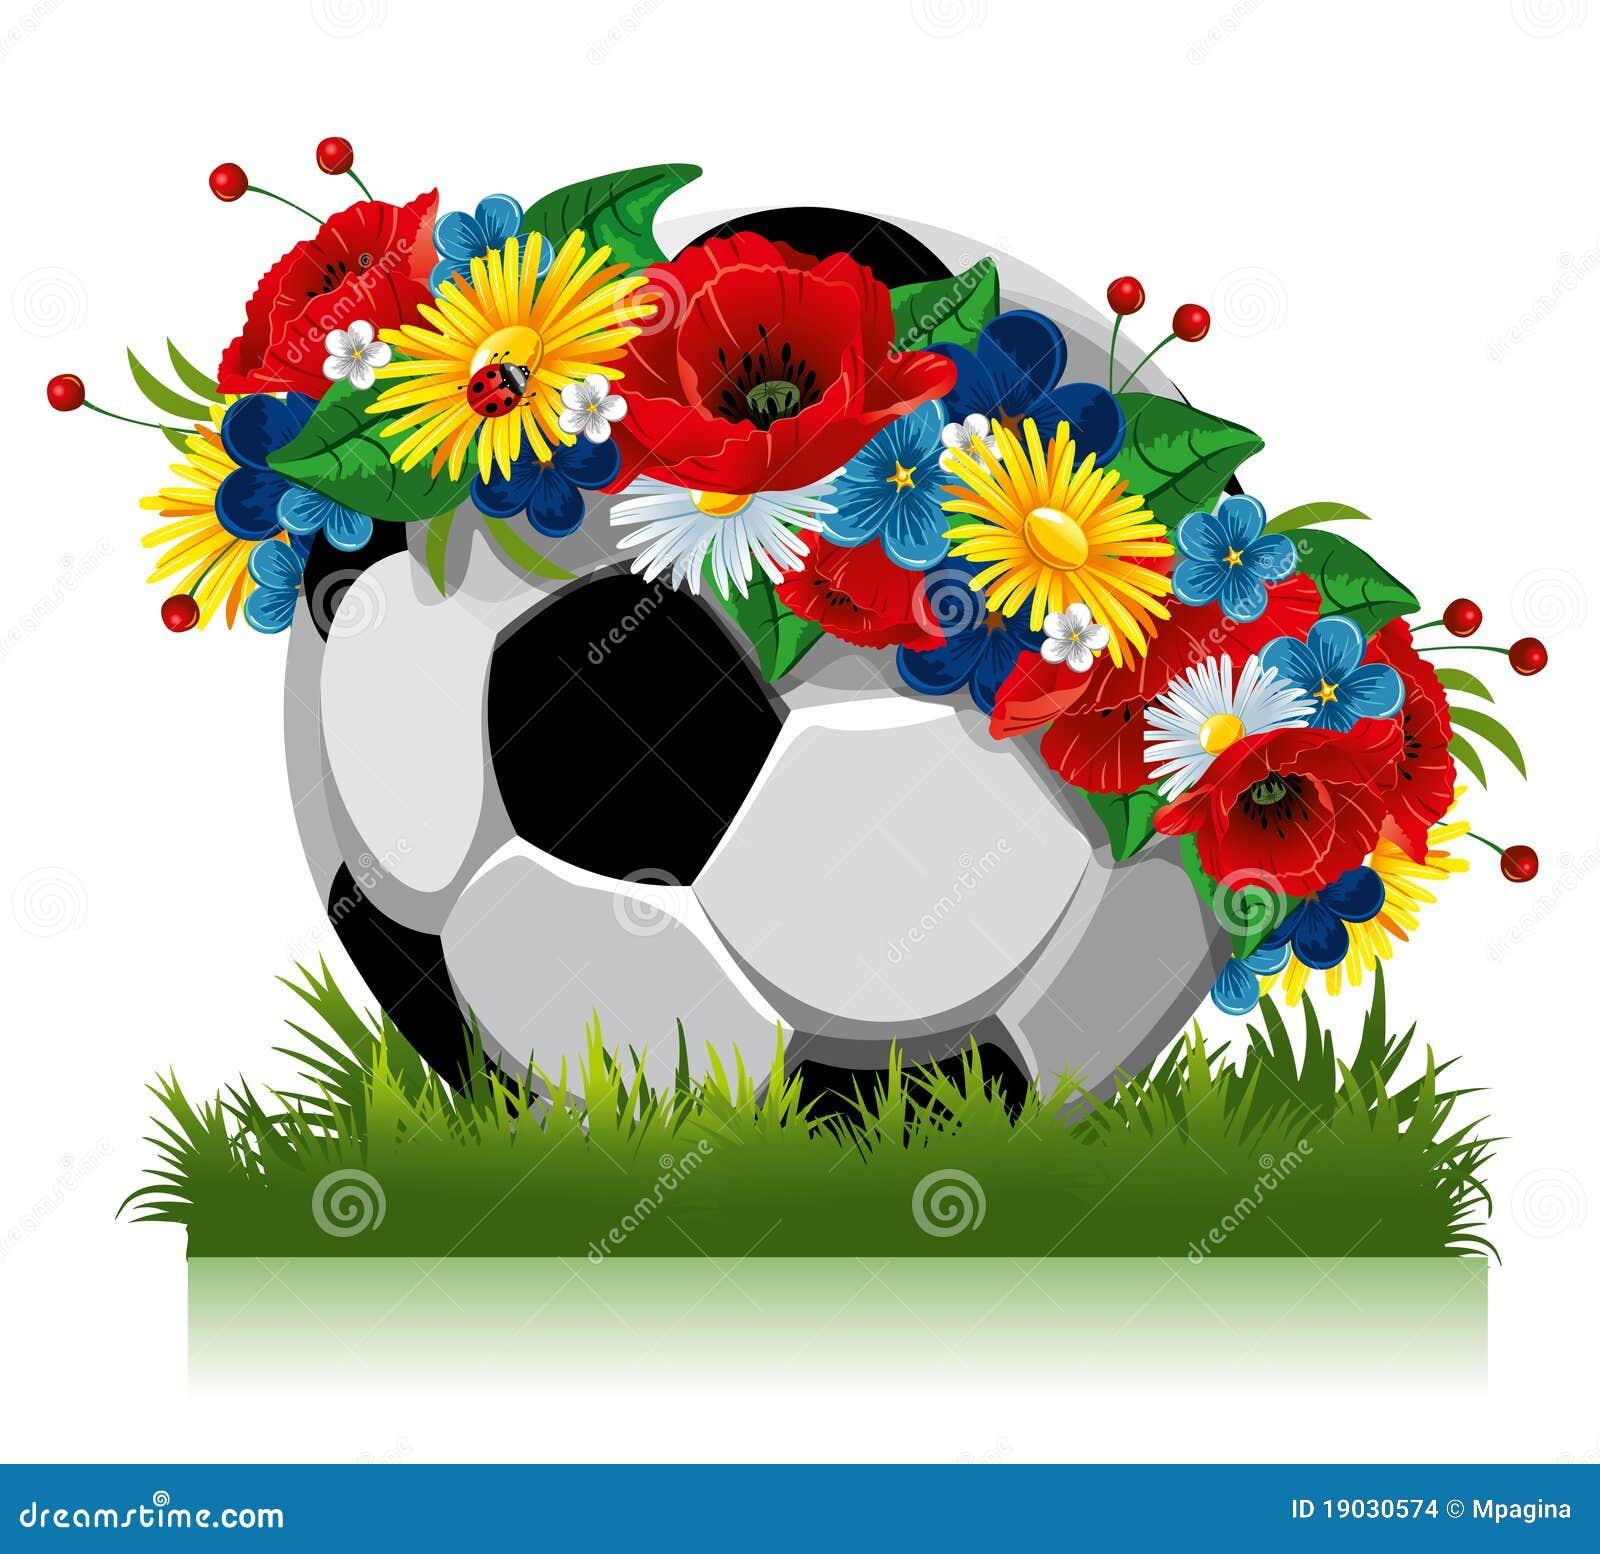 Stock Afbeeldingen: De bal van het voetbal in een kroon van bloemen